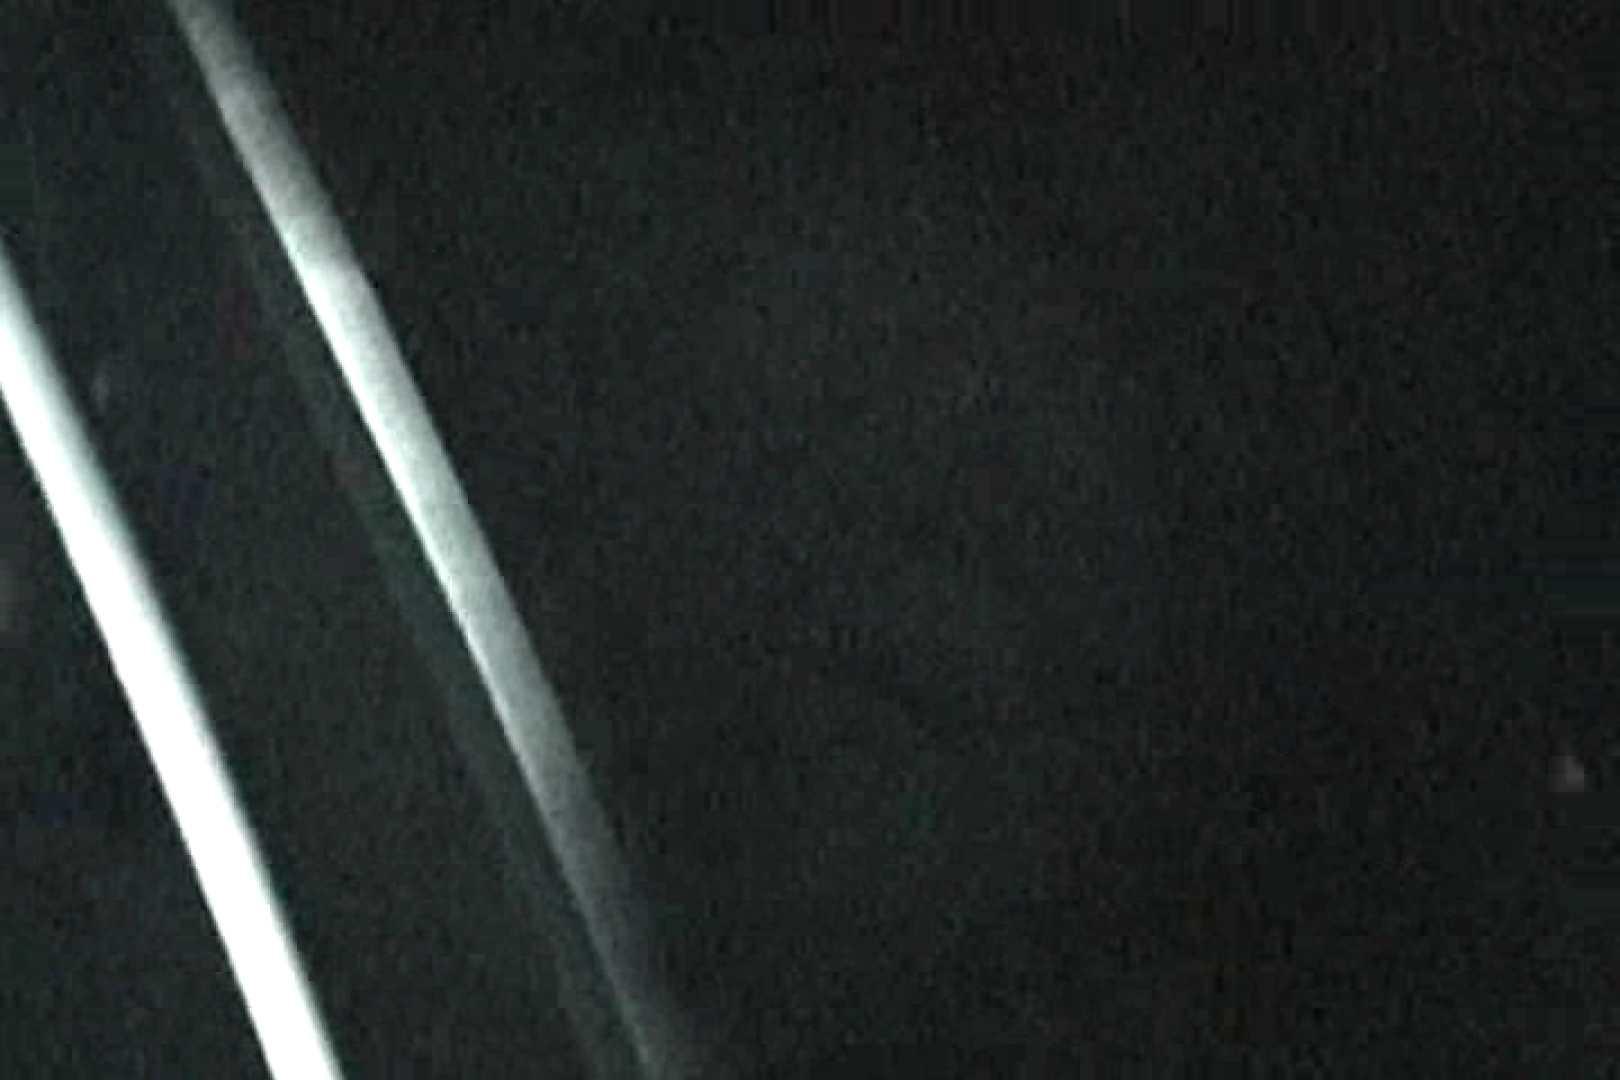 充血監督の深夜の運動会Vol.7 OLセックス 盗撮AV動画キャプチャ 98画像 38